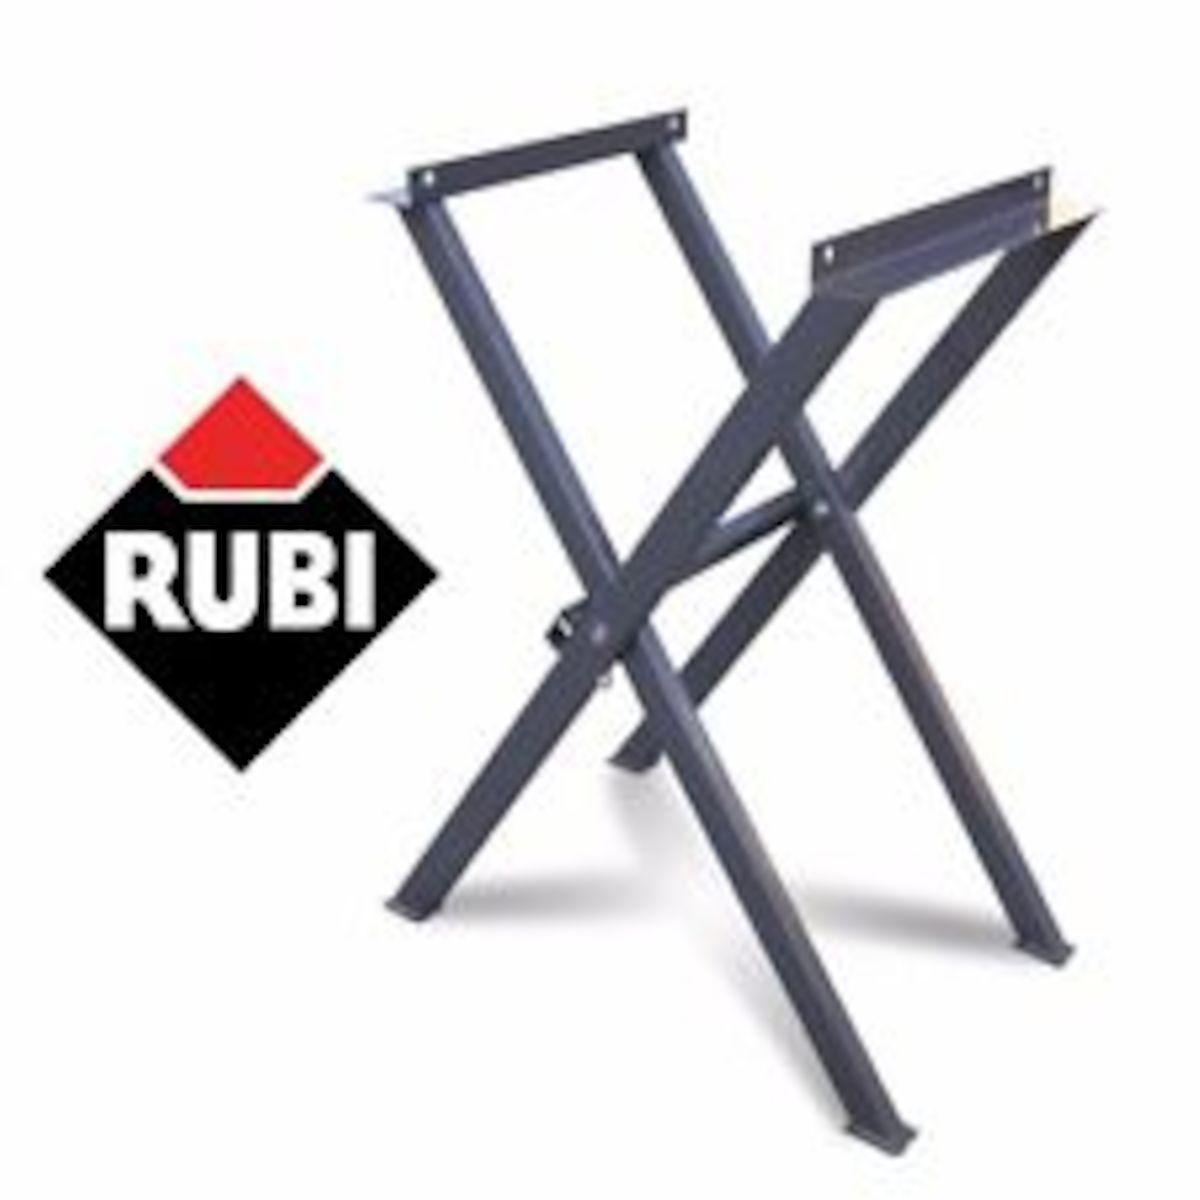 Pracovný stôl Rubi pre pílu DU-200-L (nohy) R25966